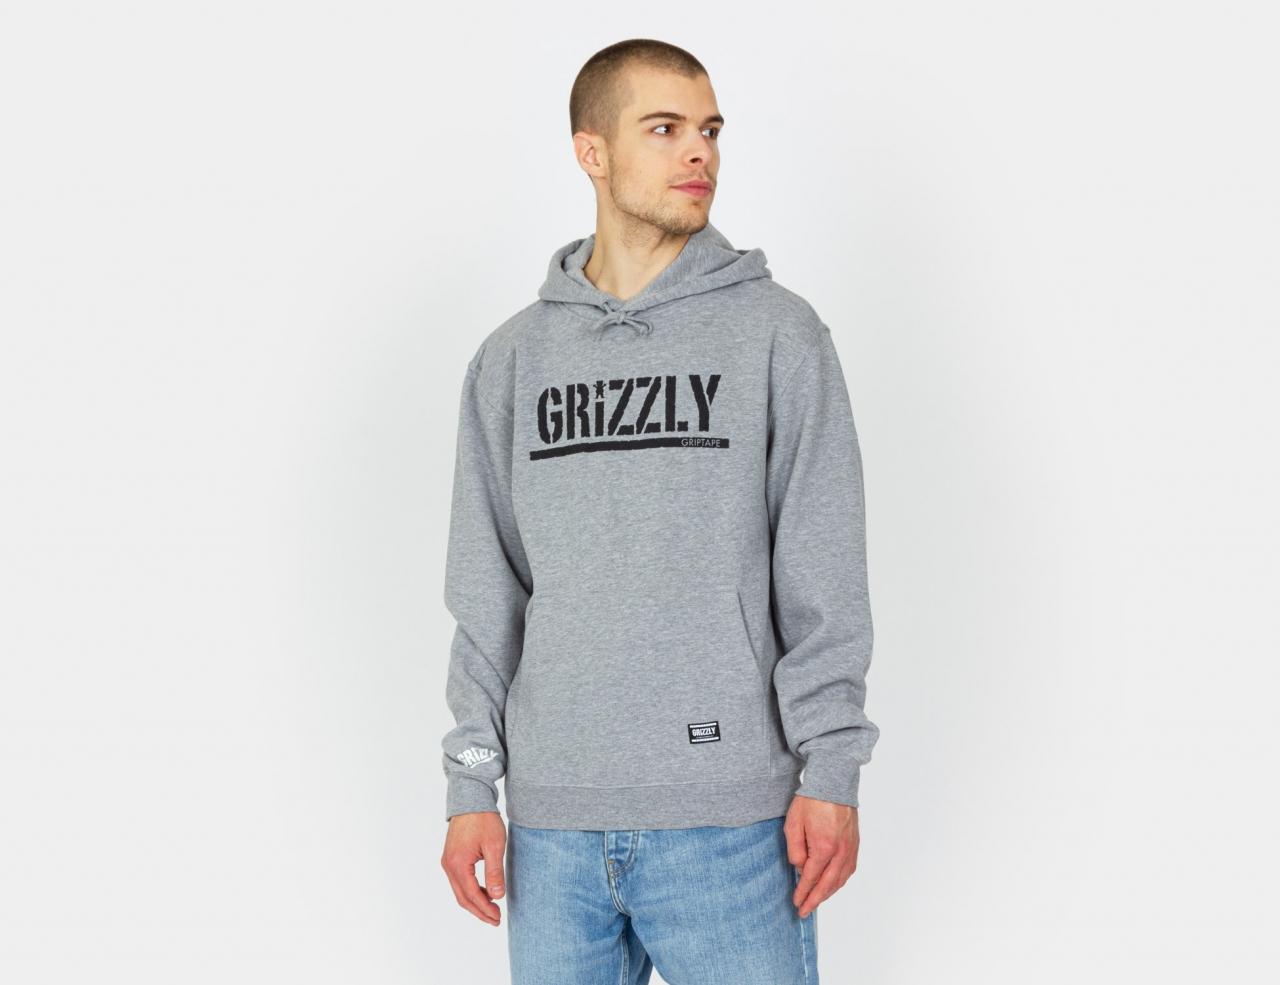 Grizzly OG Stamp - Grey / Black